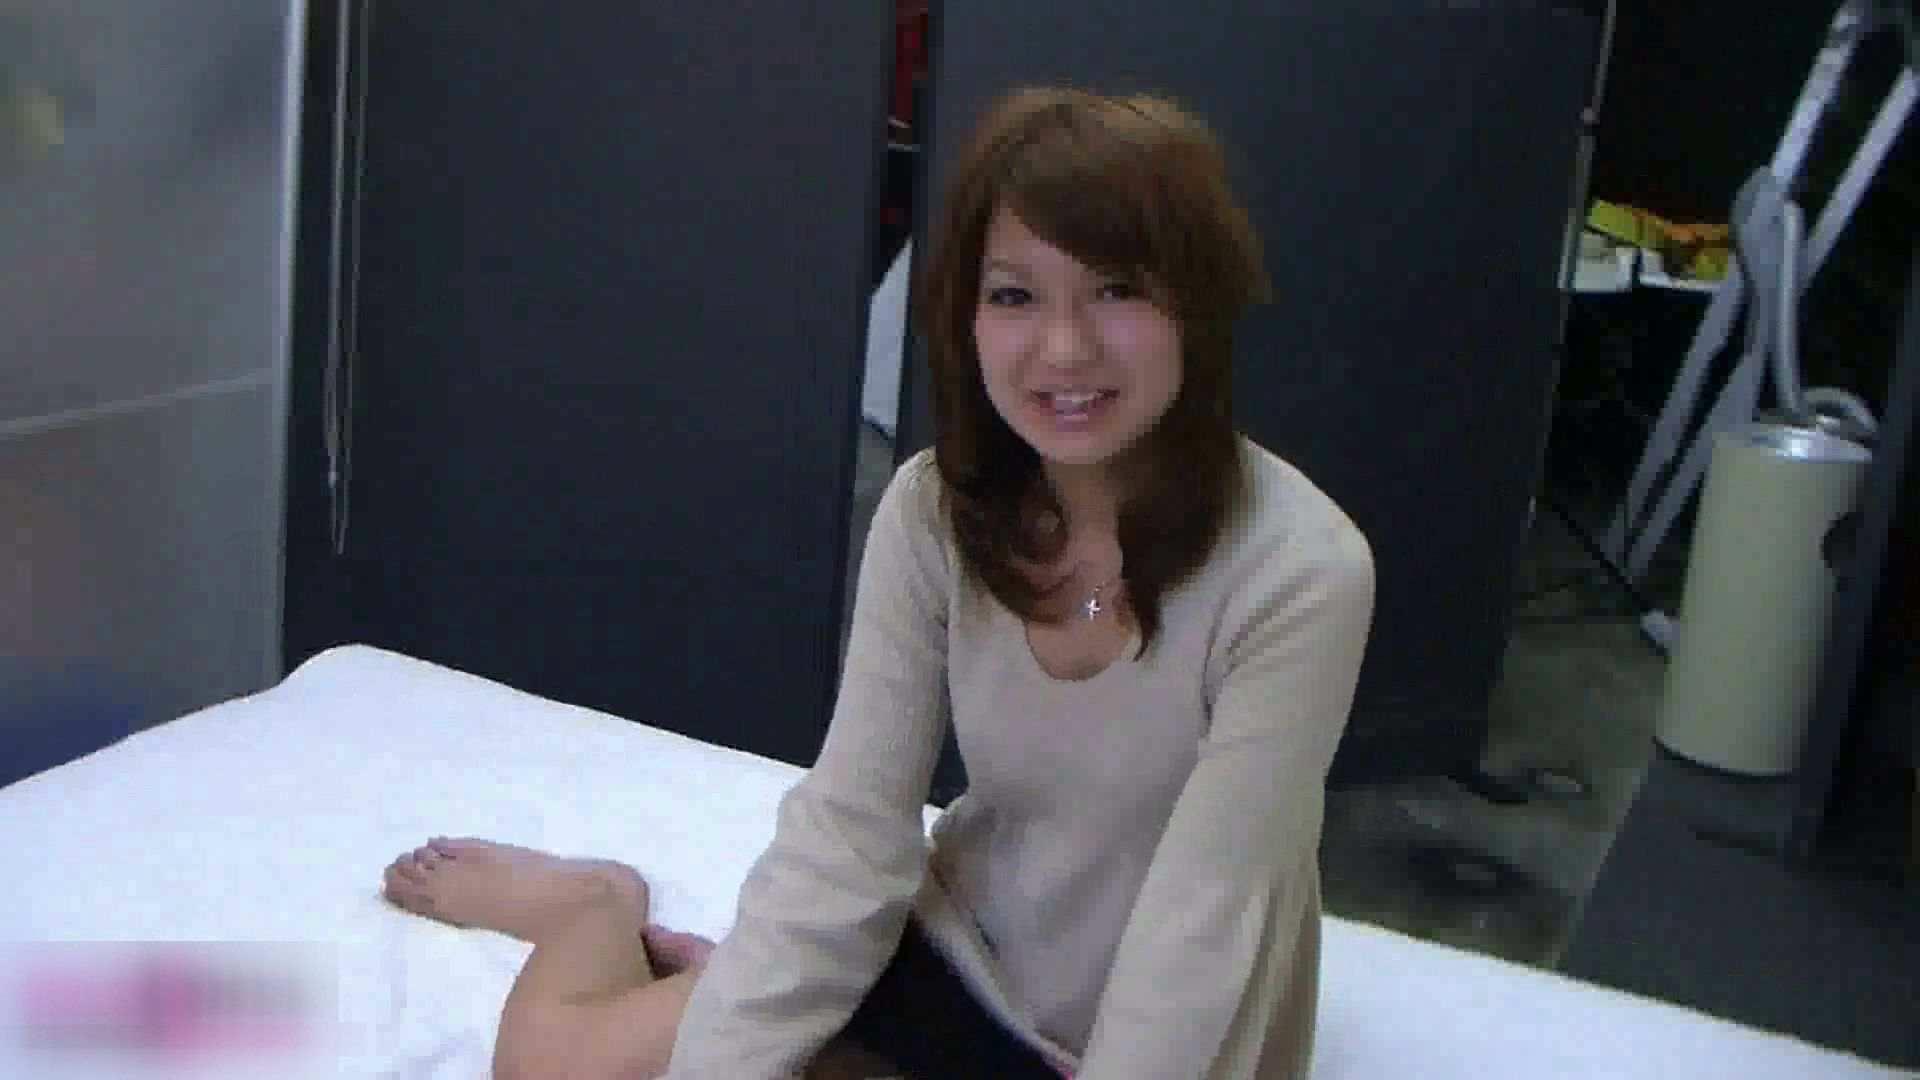 S級厳選美女ビッチガールVol.05 エロティックなOL   美女のヌード  78画像 25